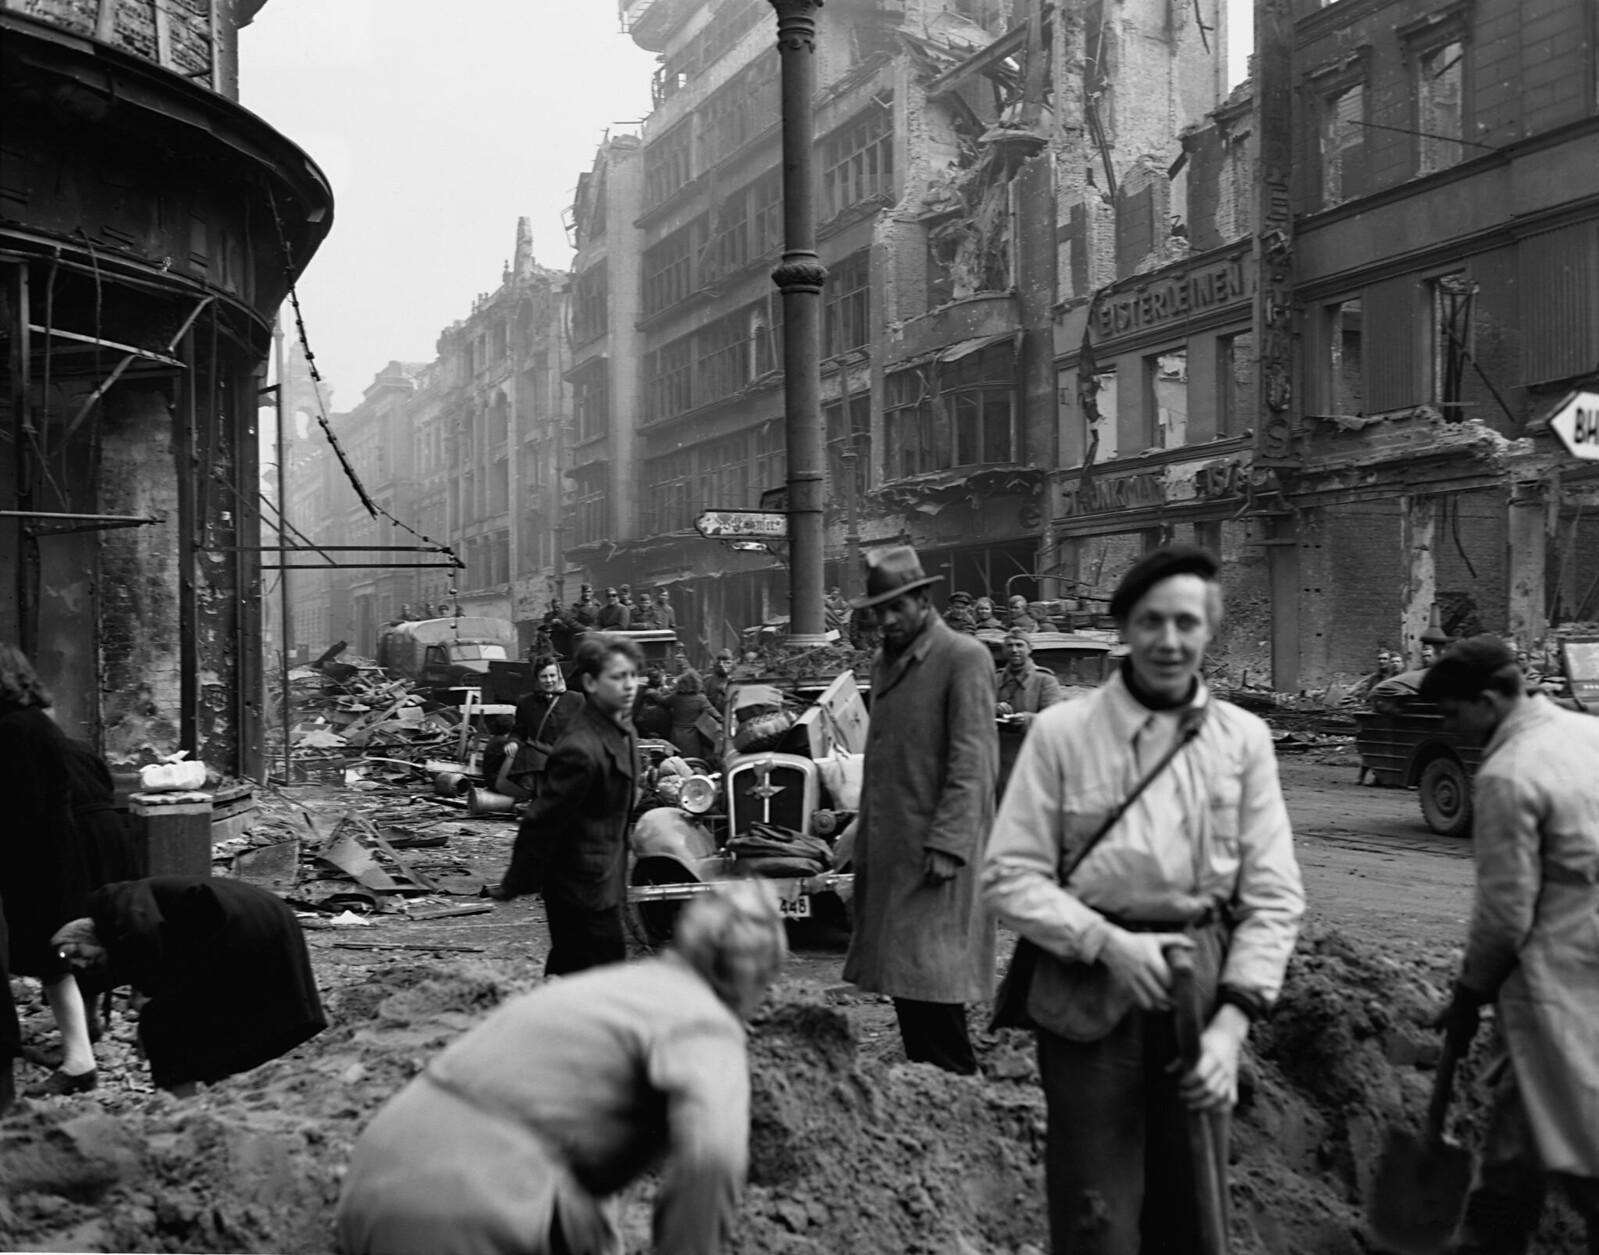 27. Знаменитая улица Унтер-ден-Линден в Берлине сильно пострадала от бомбардировок и обстрелов. Под руководством советских солдат мирные жители расчищают завалы для пешеходов и автотранспорта